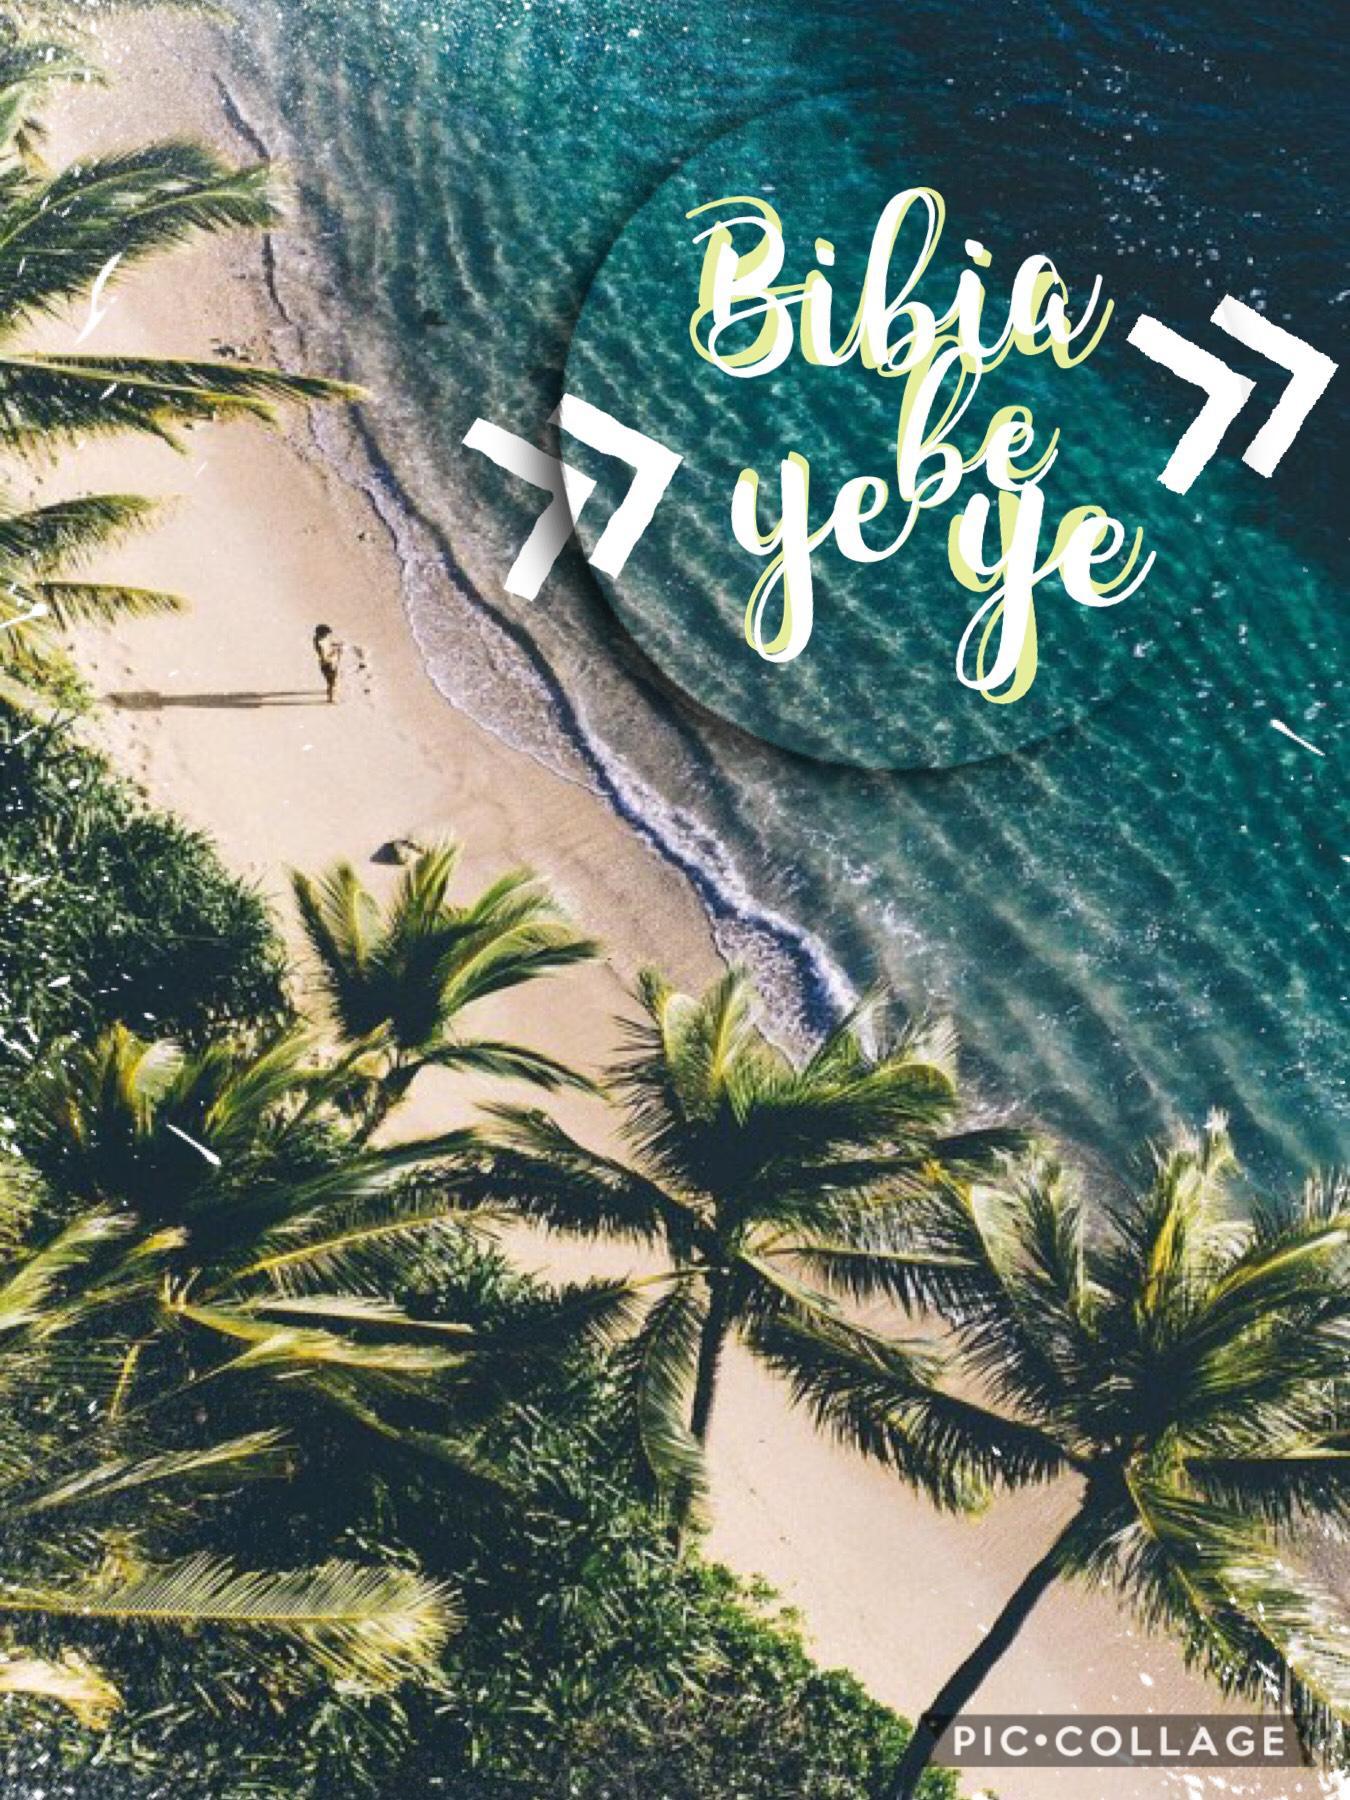 Bibia be ye ye ~ All is well